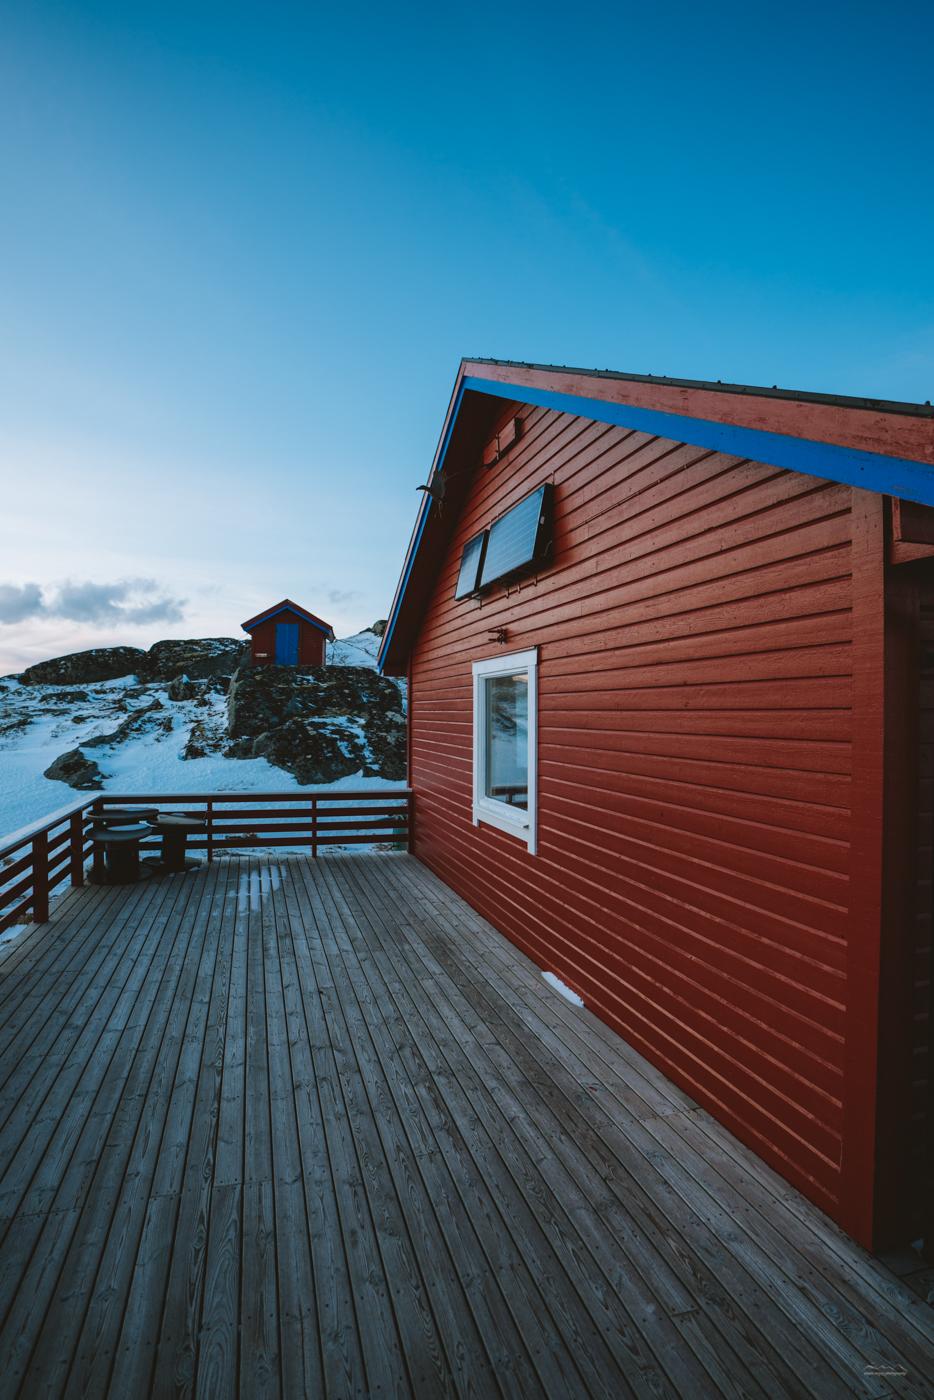 Norwegian DNT cabins at Ryten